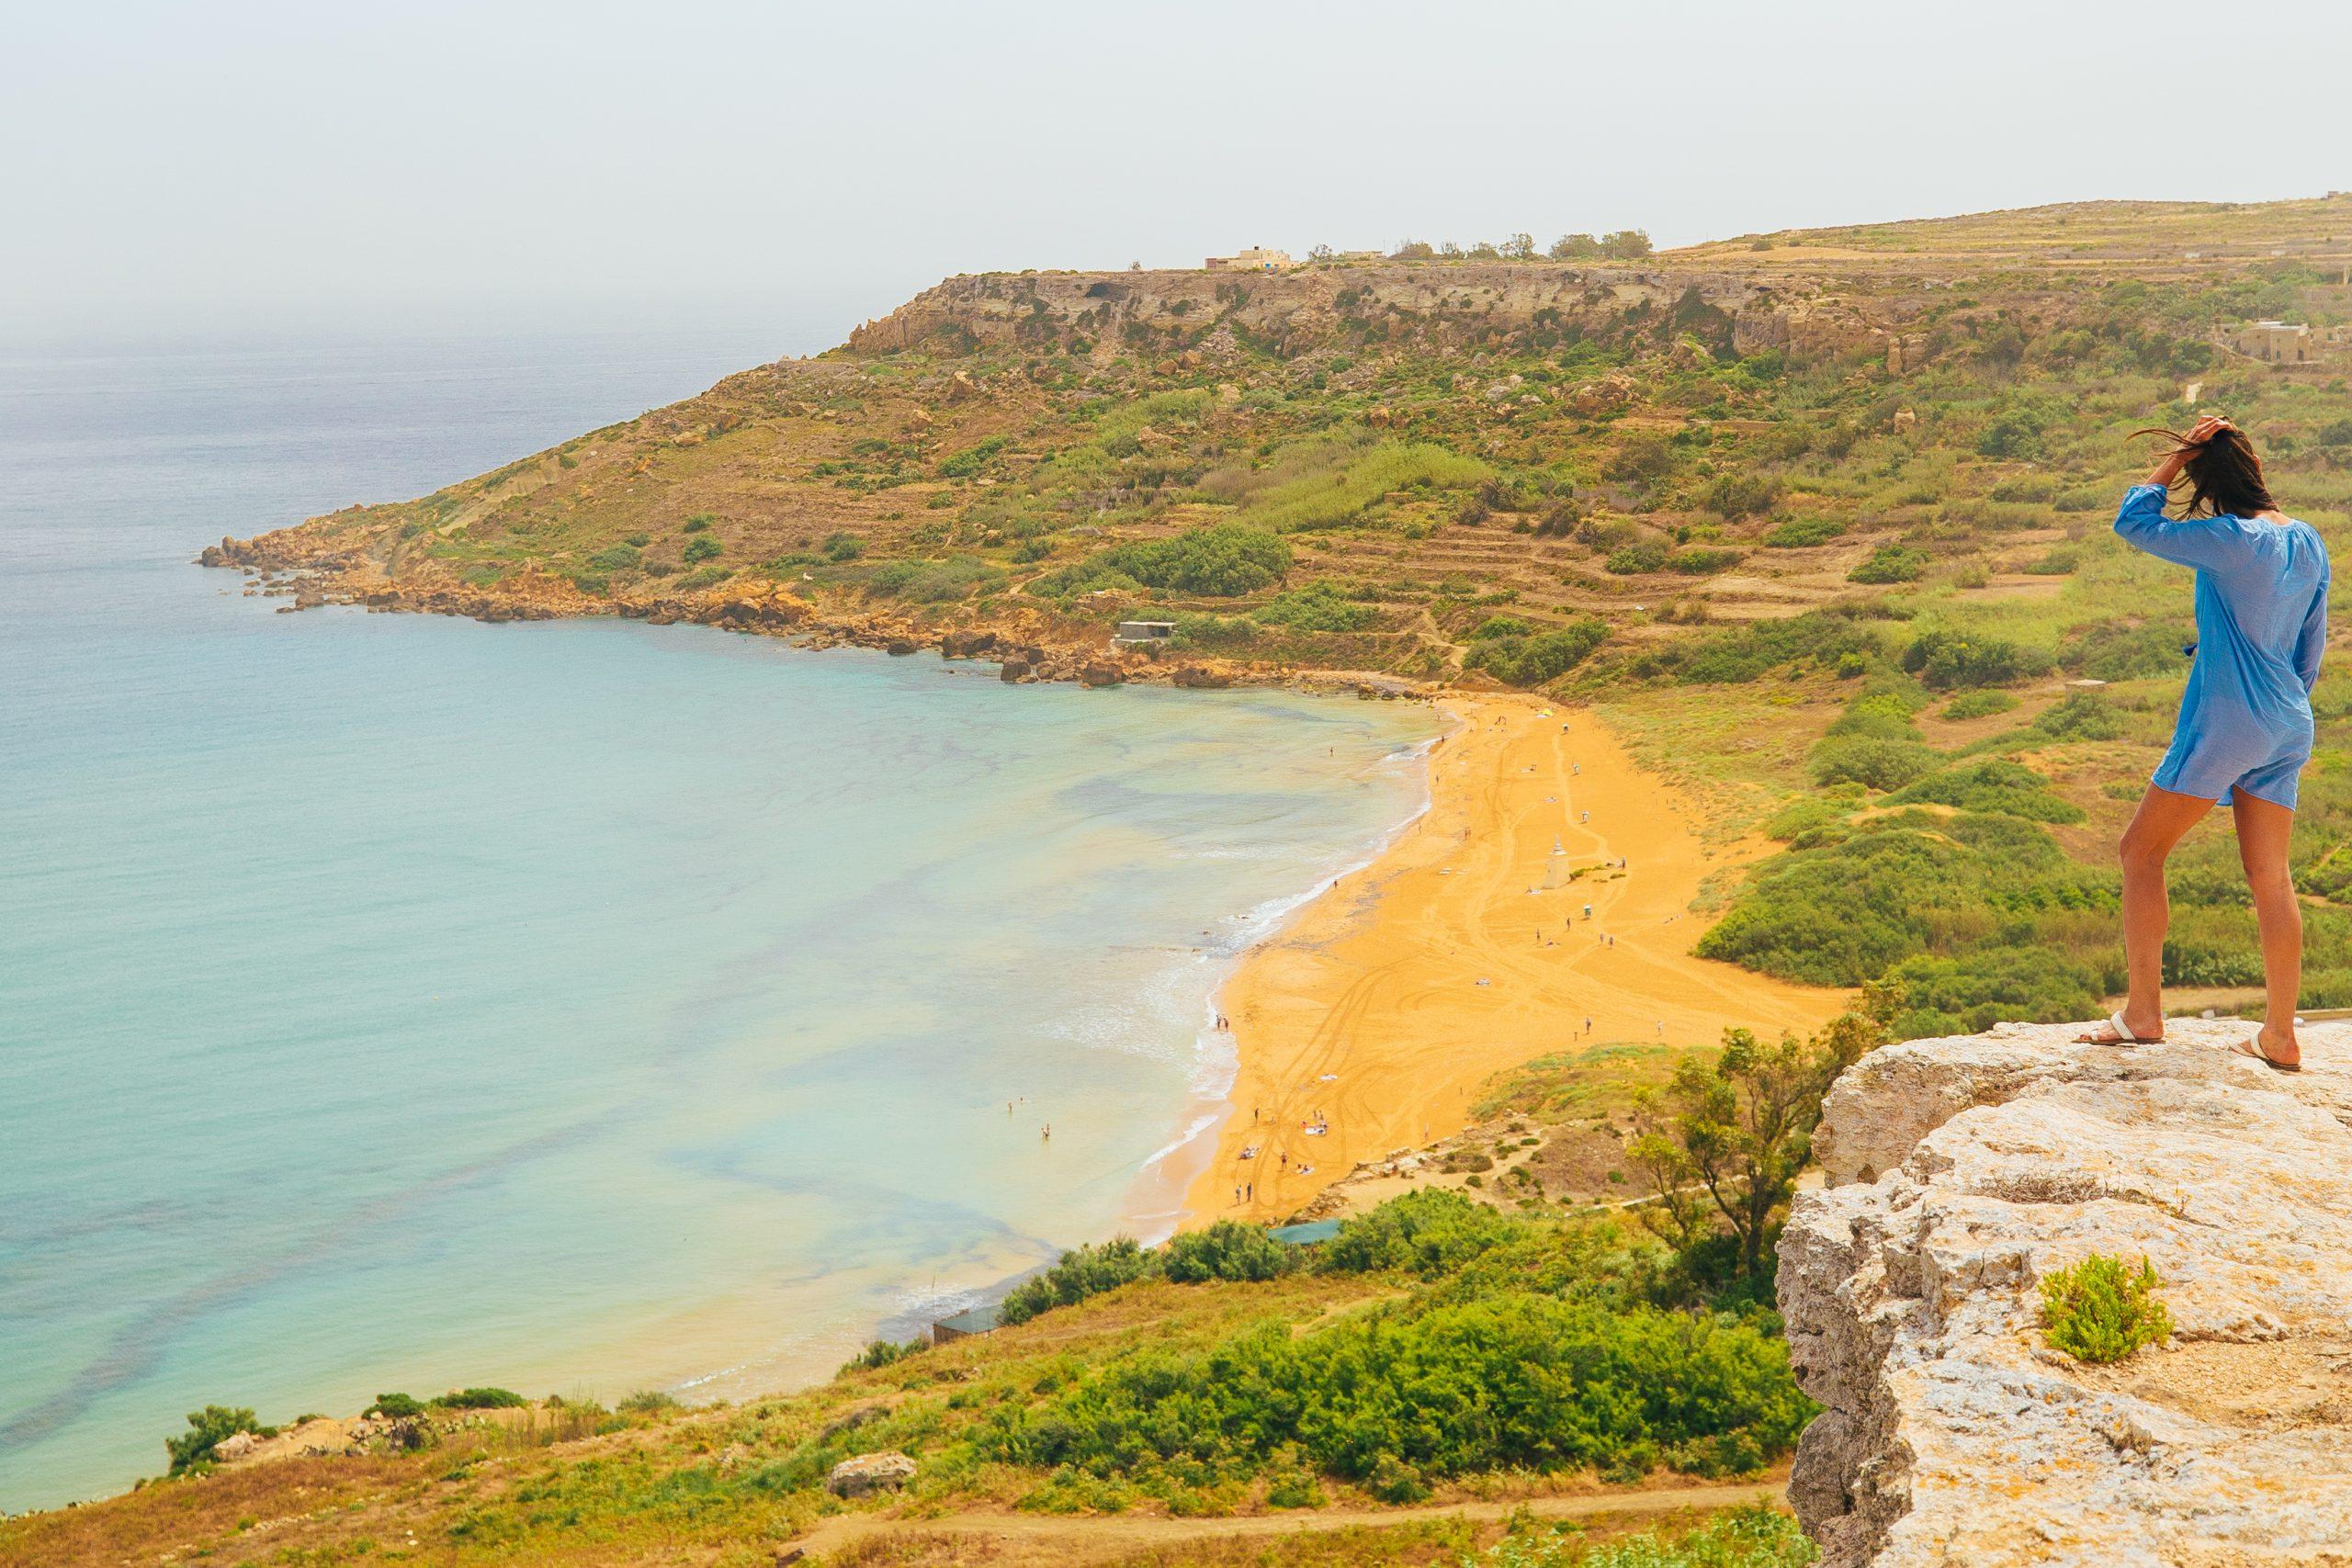 Østaten i Middelhavet og EU-medlemmet Malta er eneste land, der i første omgang blev åbnet for ved de opdaterede danske rejsevejledninger. Her er PR-foto fra Visit Malta.